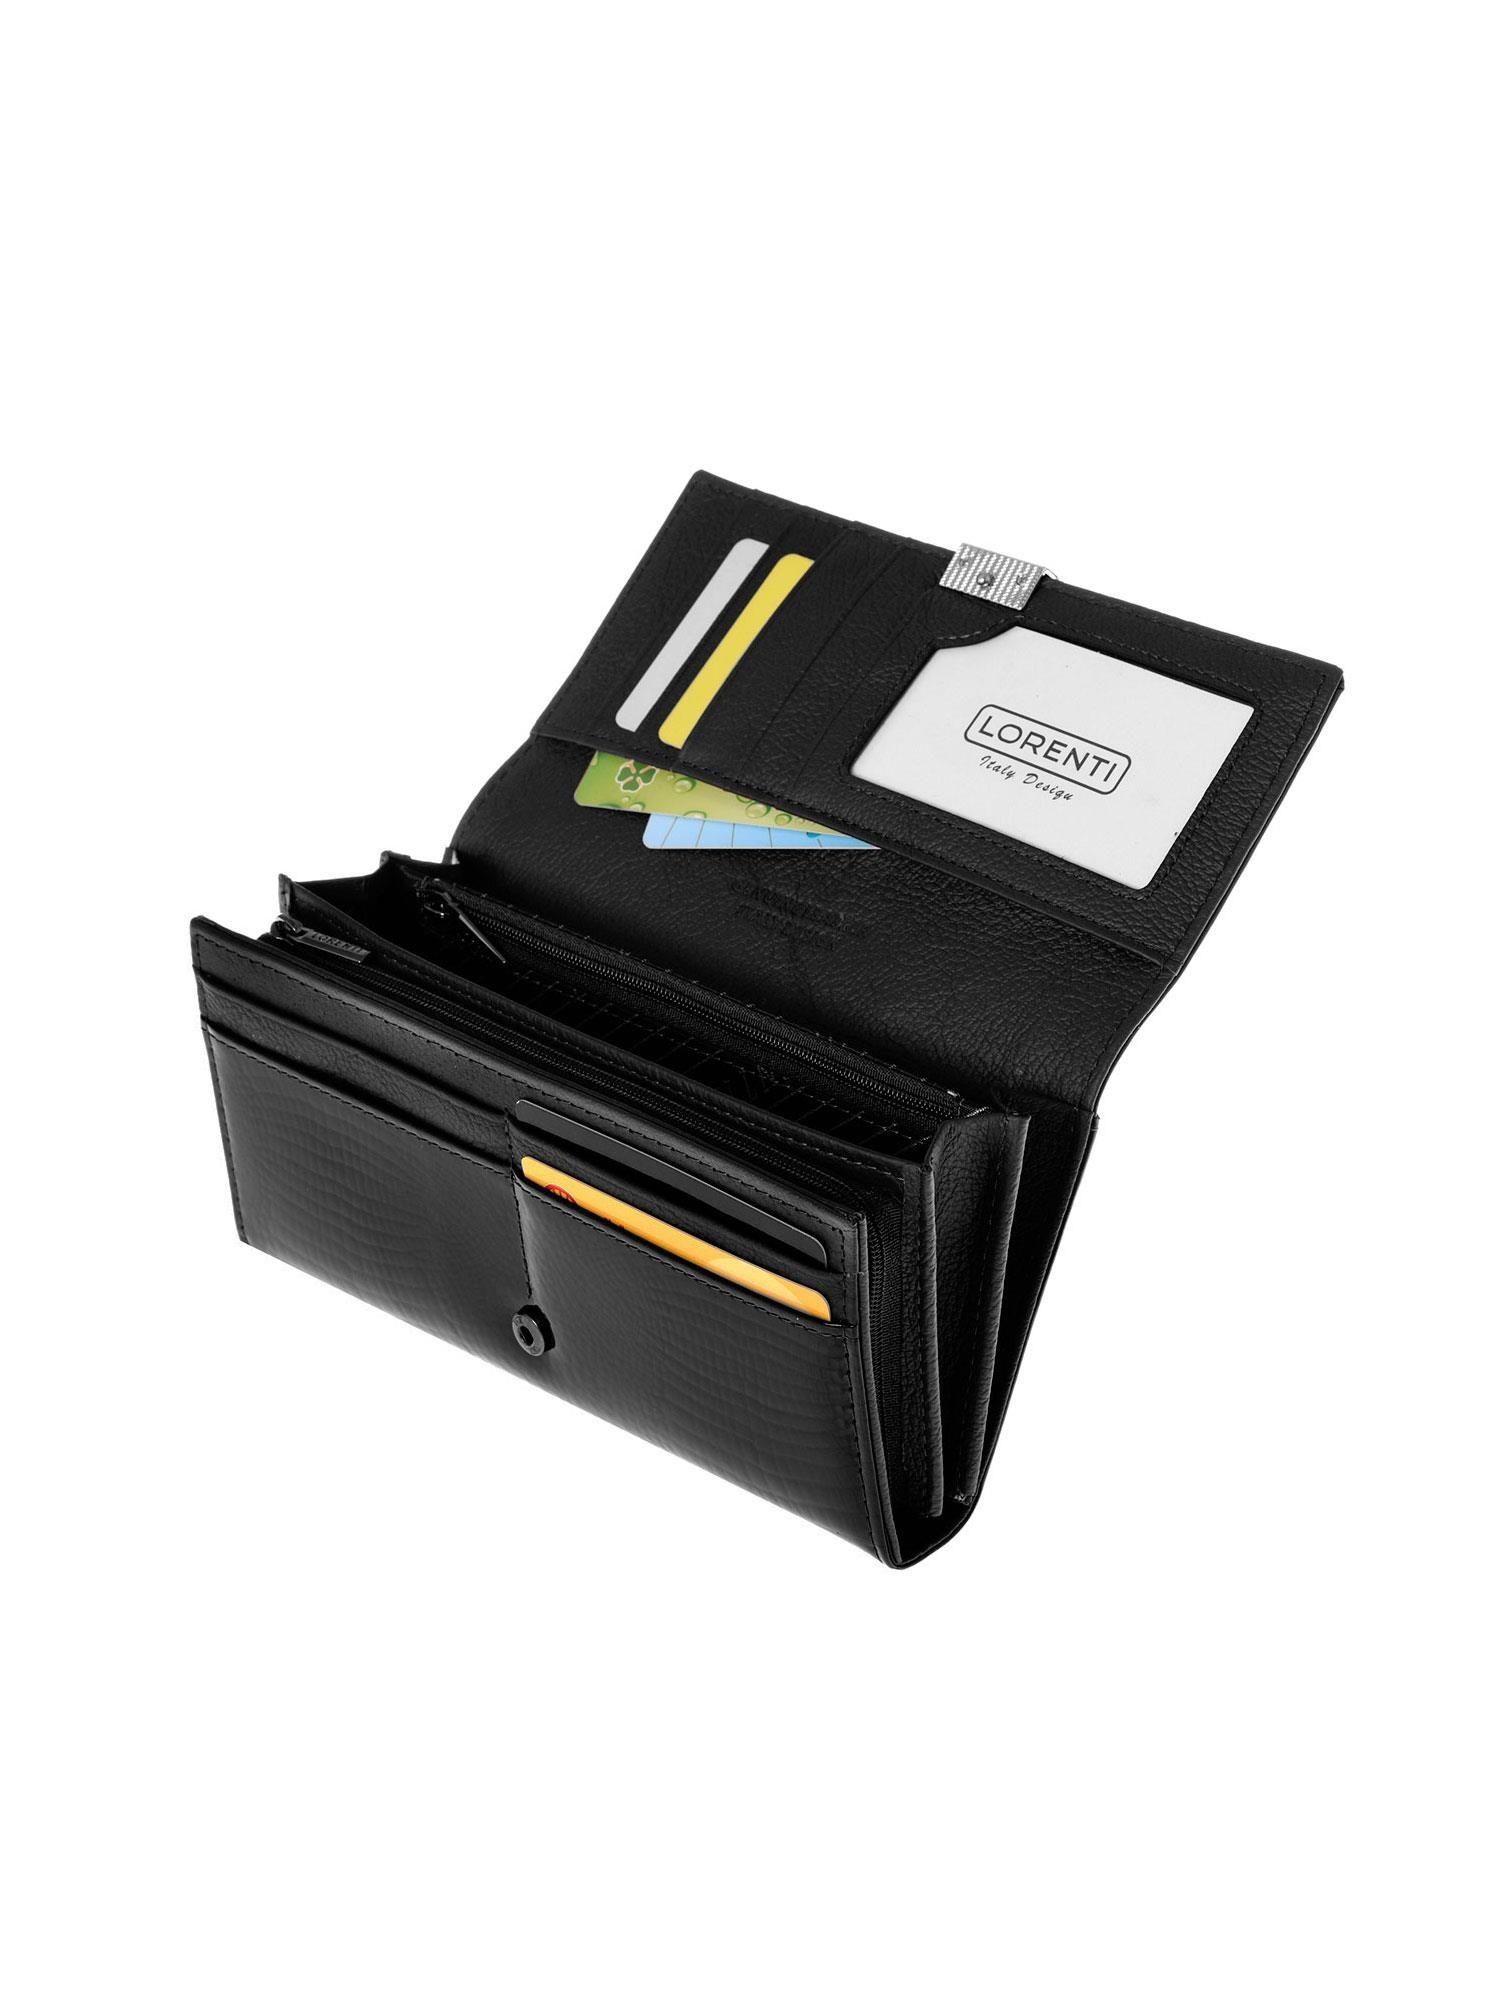 03a0c2e4d621c Czarny portfel skórzany z tłoczeniem we wzór skóry krokodyla - Akcesoria  portfele - sklep eButik.pl